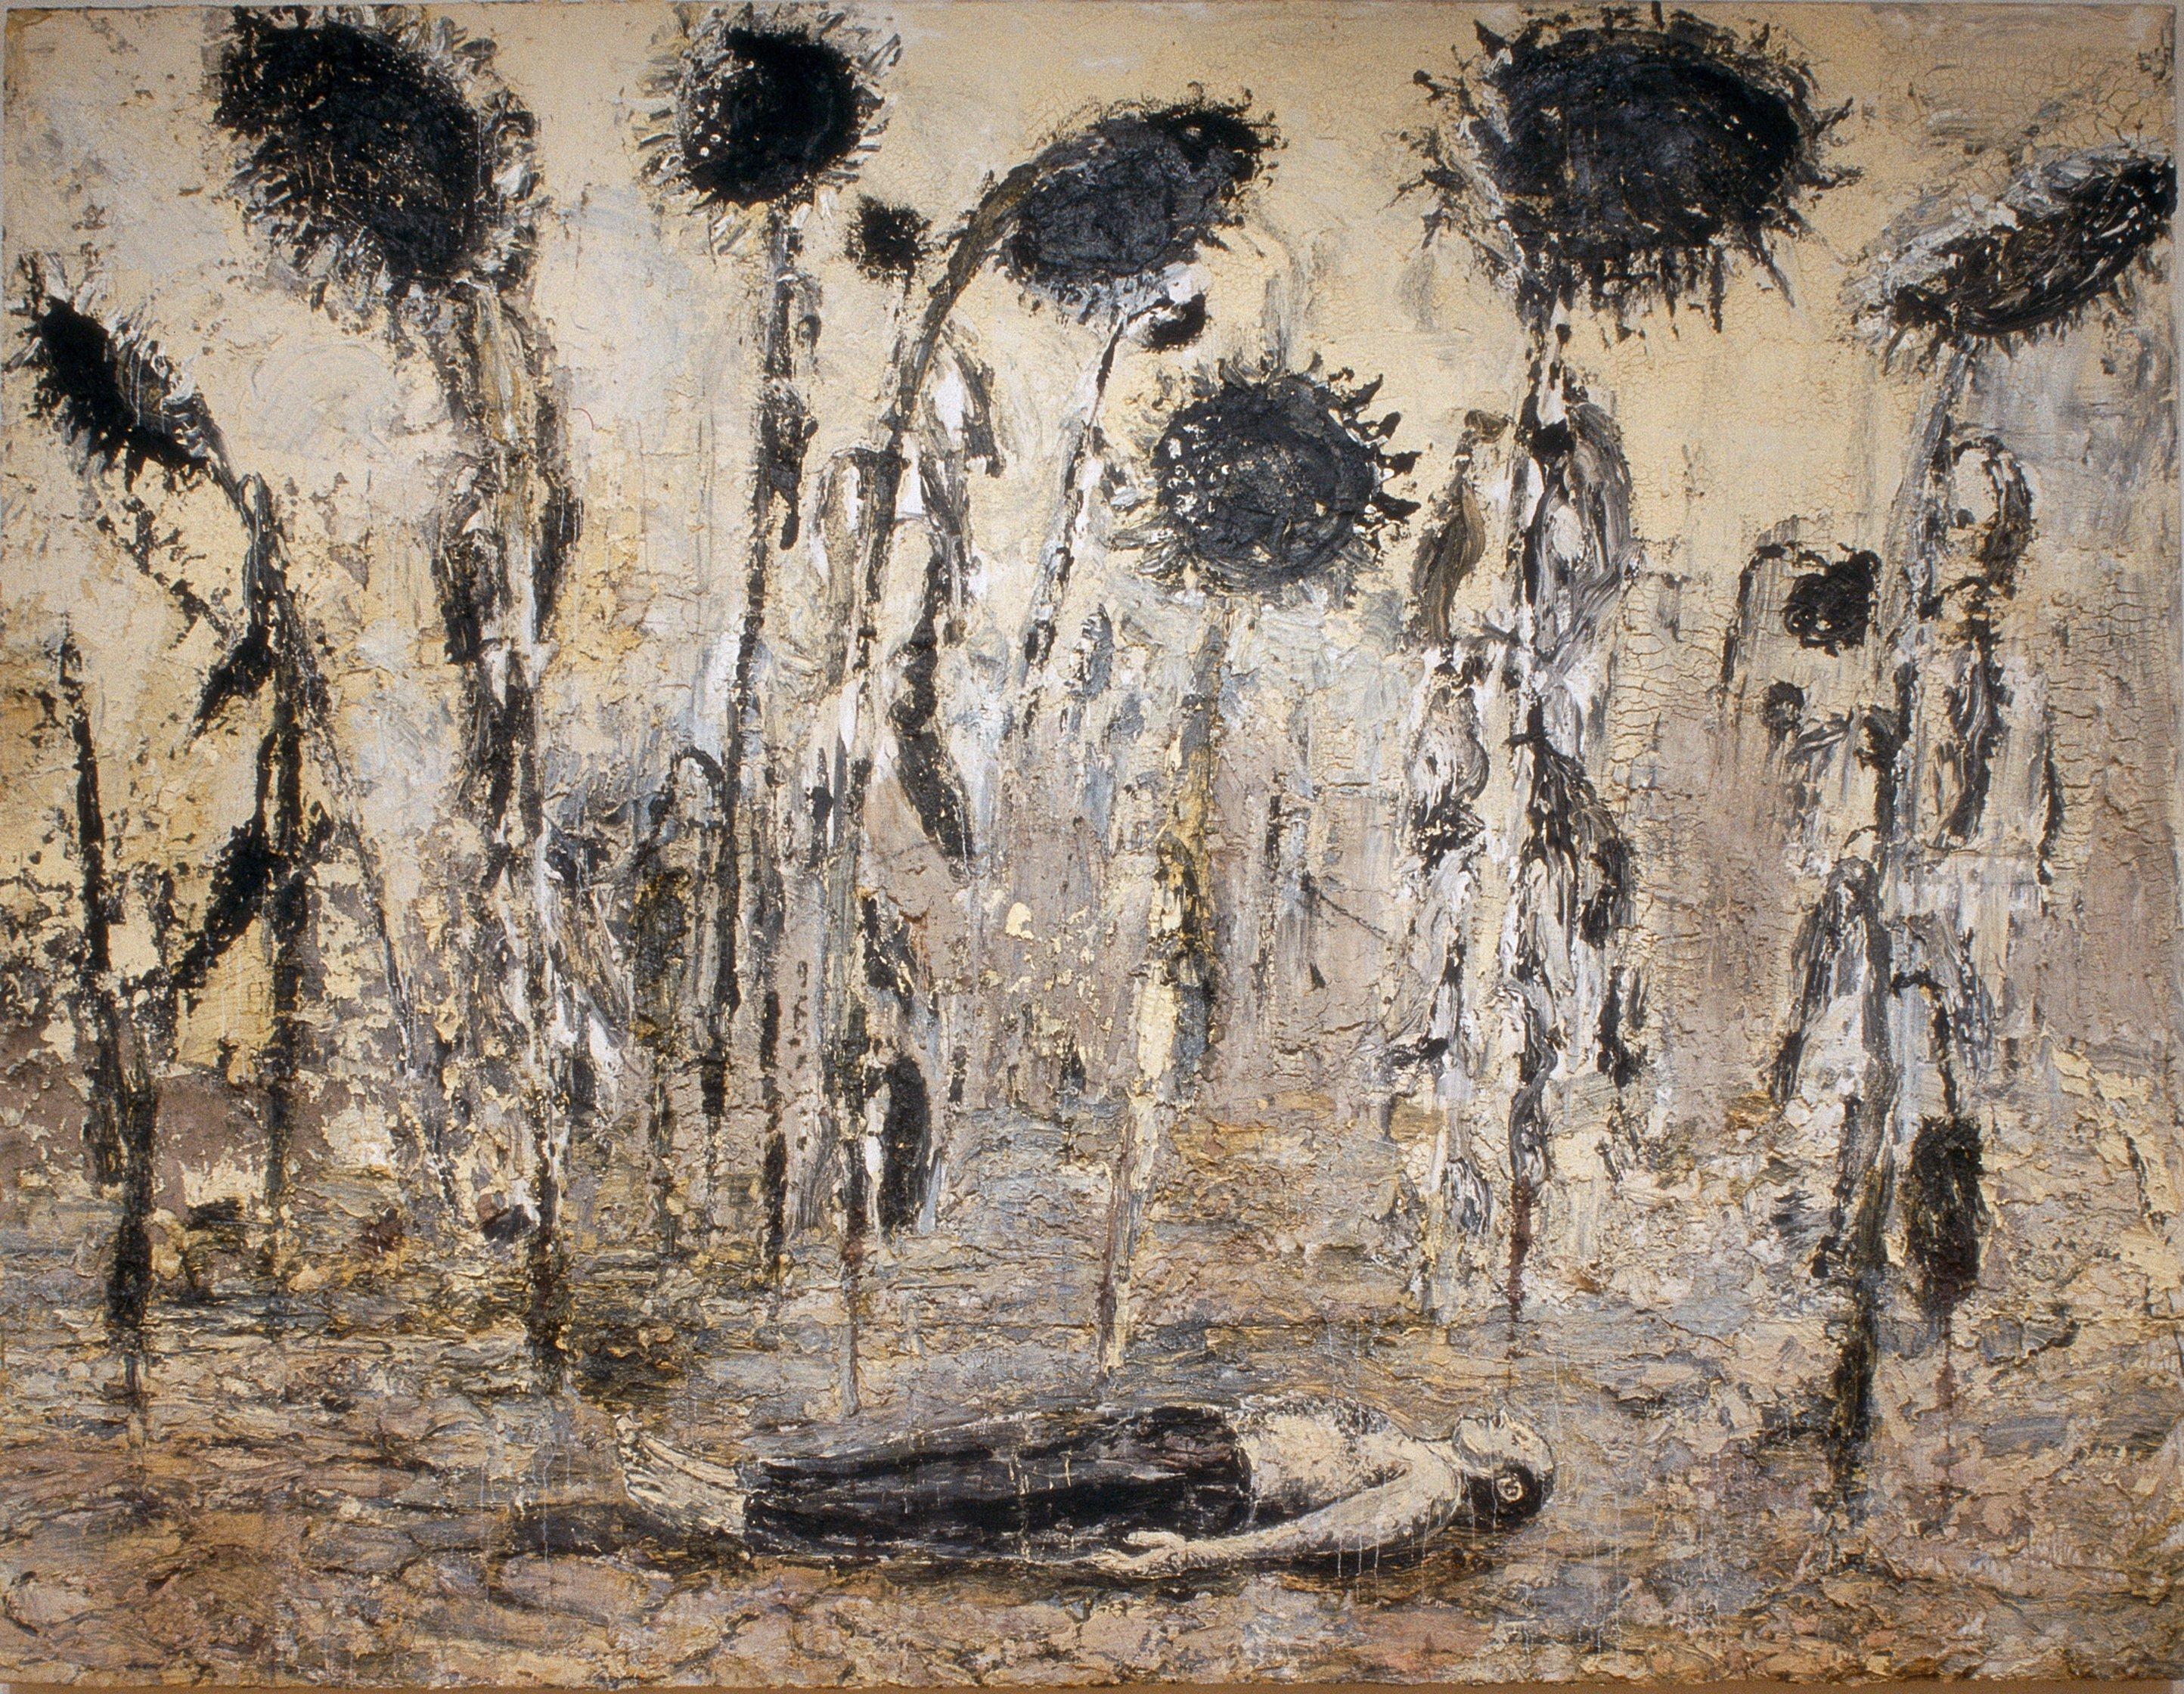 Anselm Kiefer: el cuerpo del artista yace muerto y custodiado por girasoles